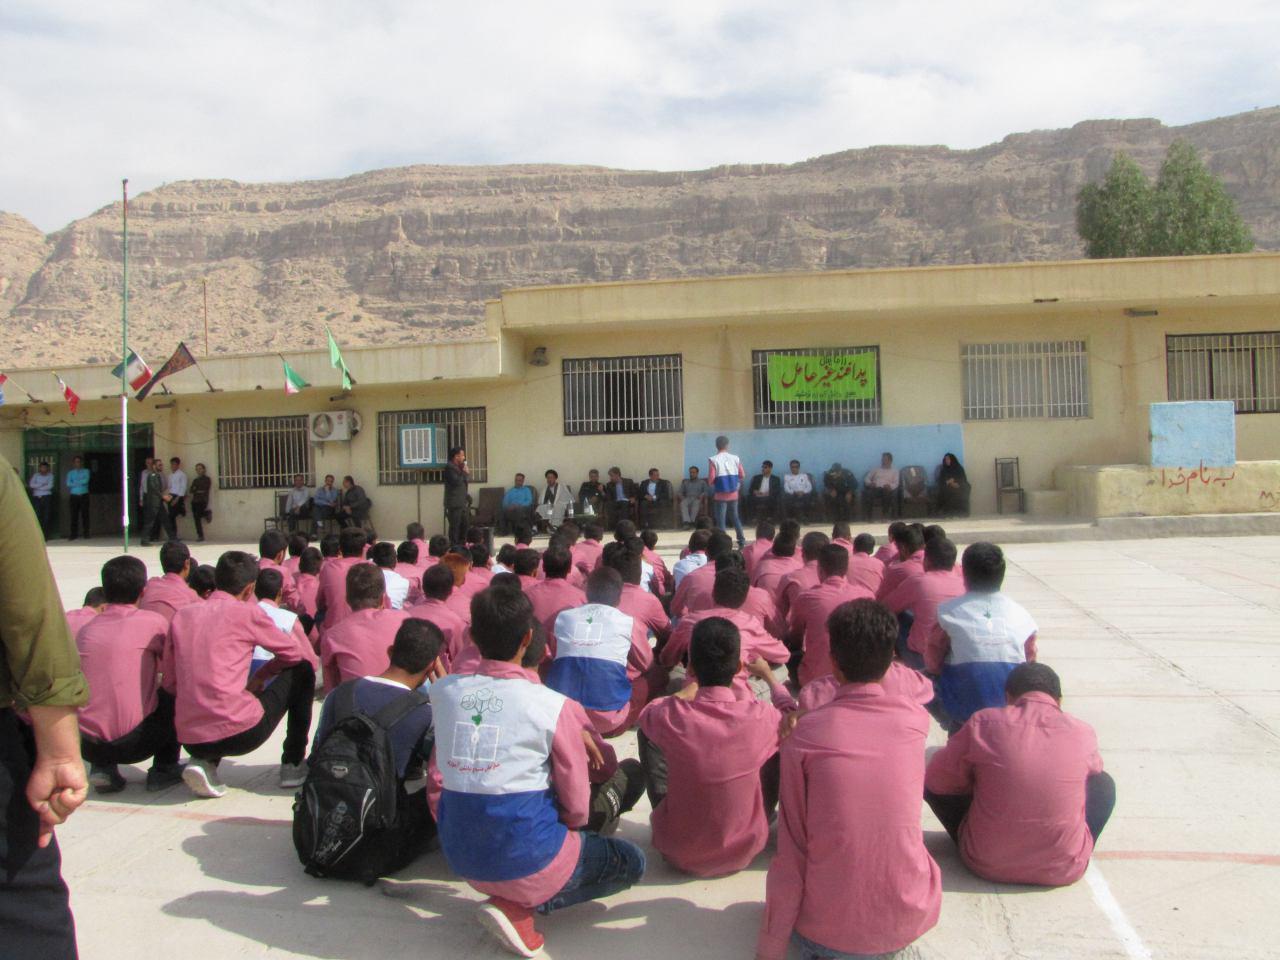 photo_2017-11-07_14-22-34 برگزاری رزمایش پدافند غیرعامل در شهرستان فراشبند